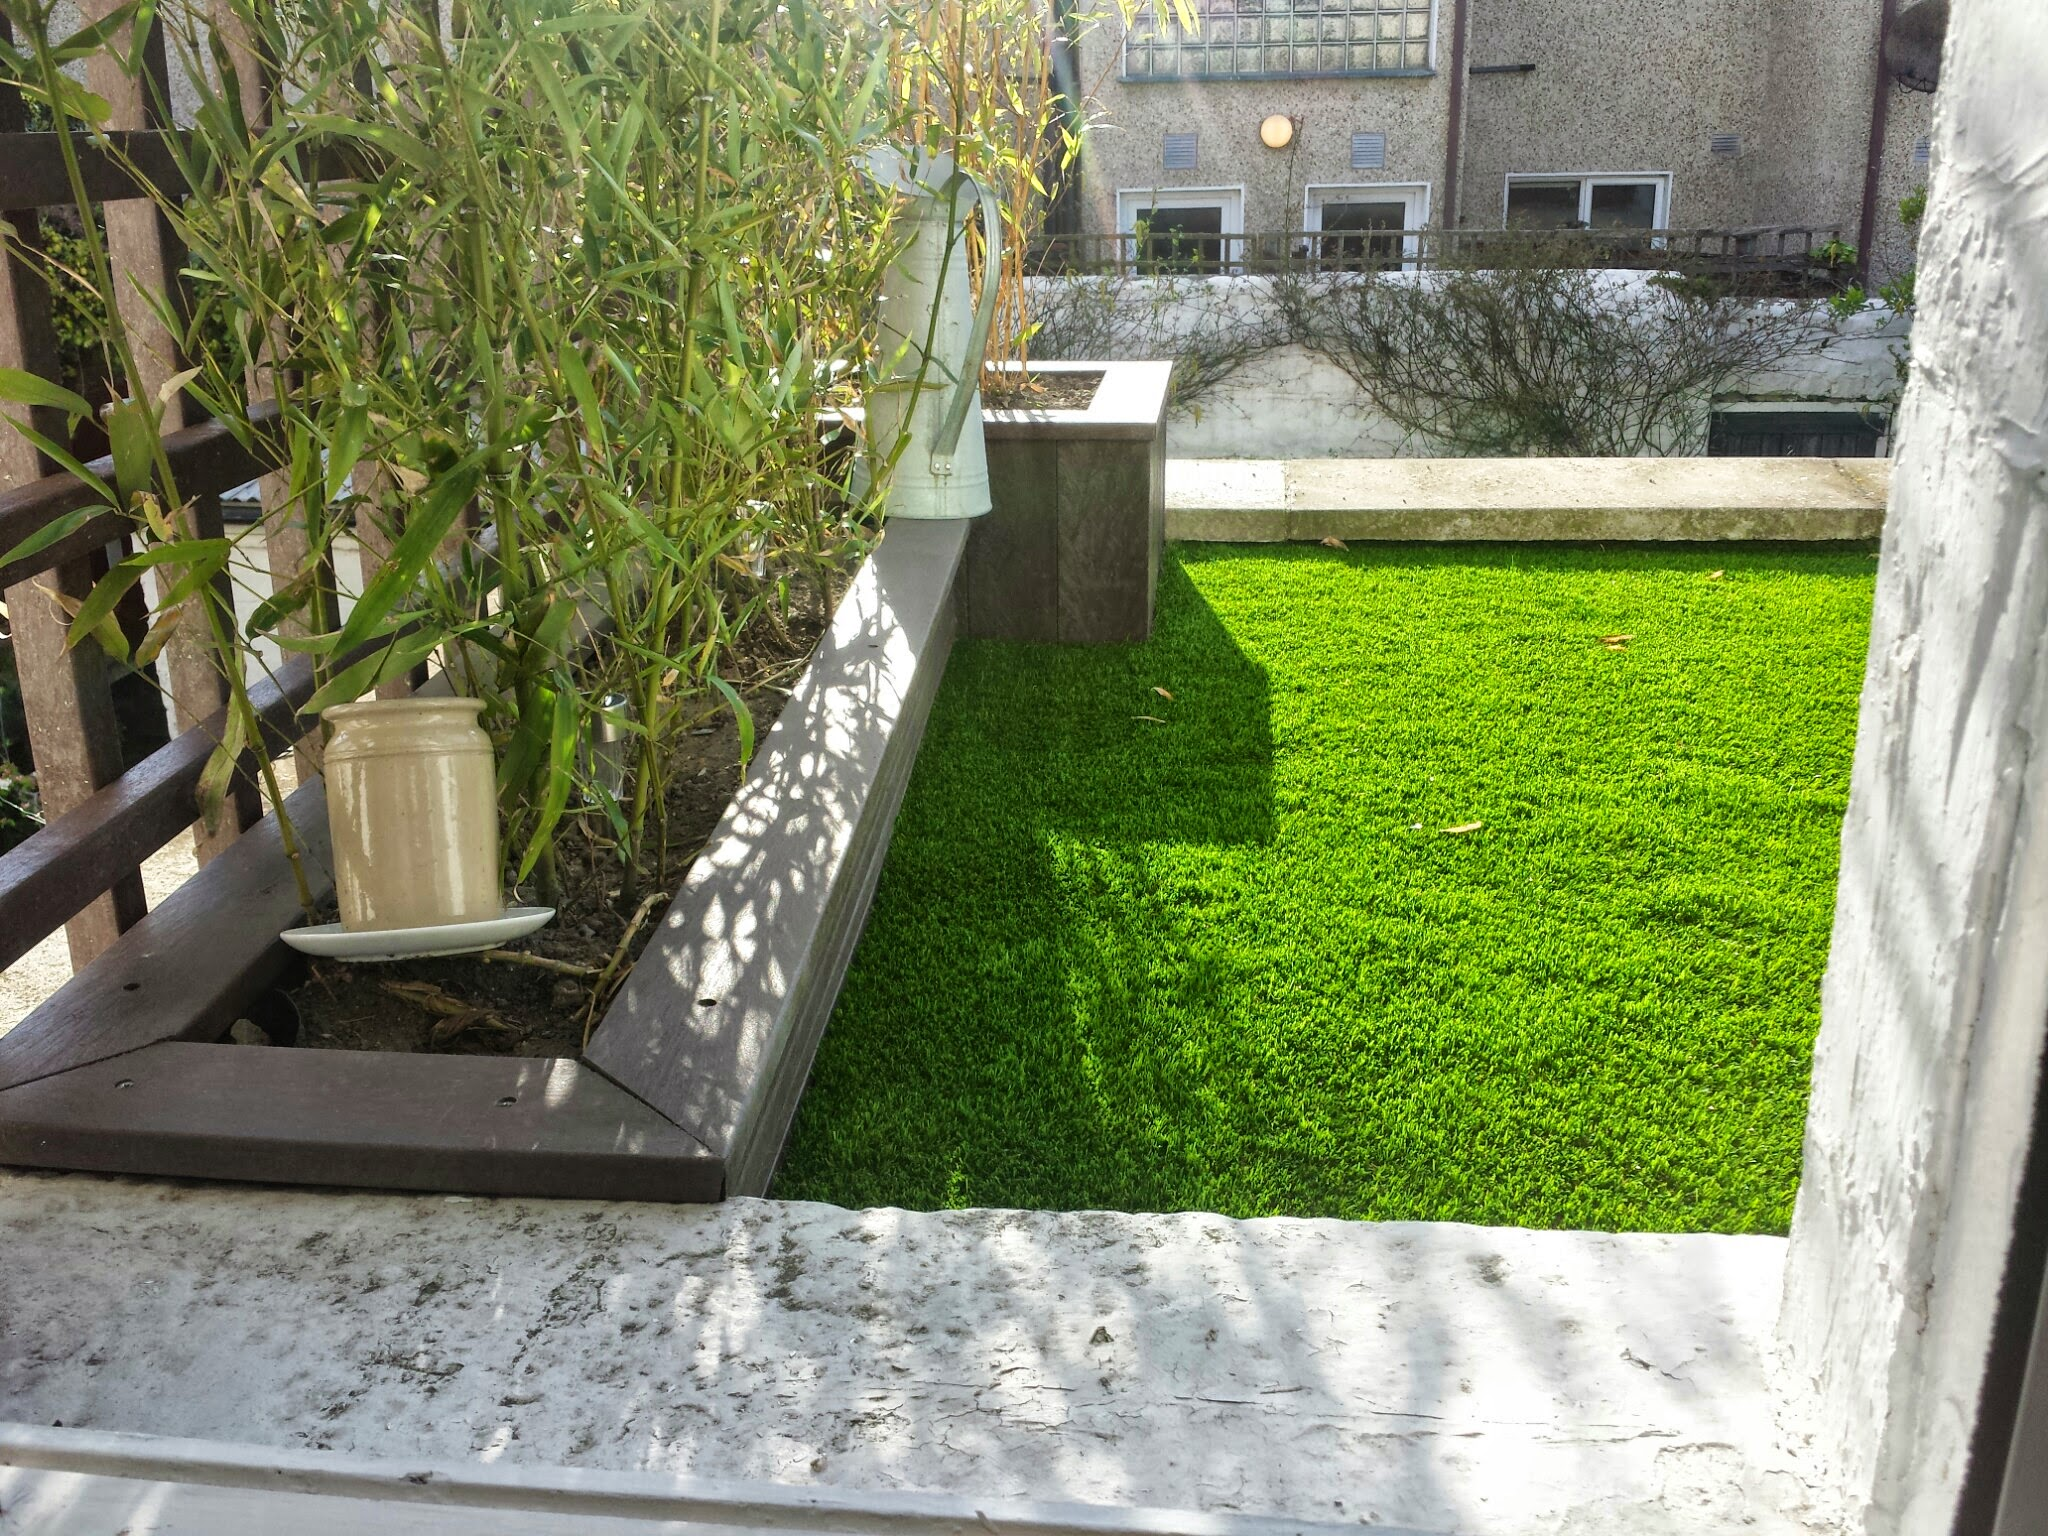 Balcony Grass